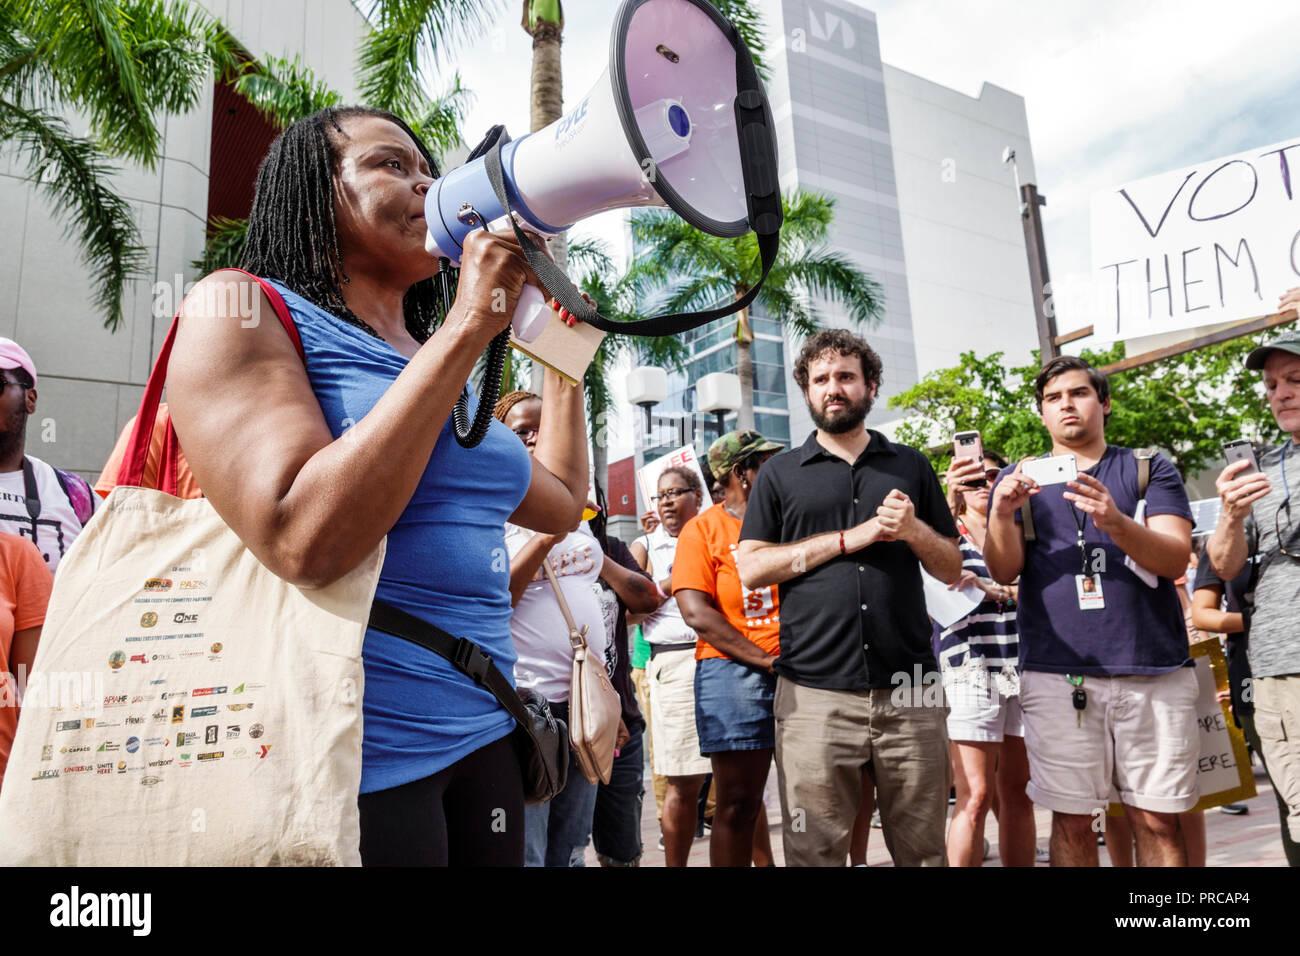 Demostración de Miami Florida demostrando protesta protestando por familias pertenecen juntos niños libres de la inmigración ilegal de la frontera mexicana separati familiar Imagen De Stock